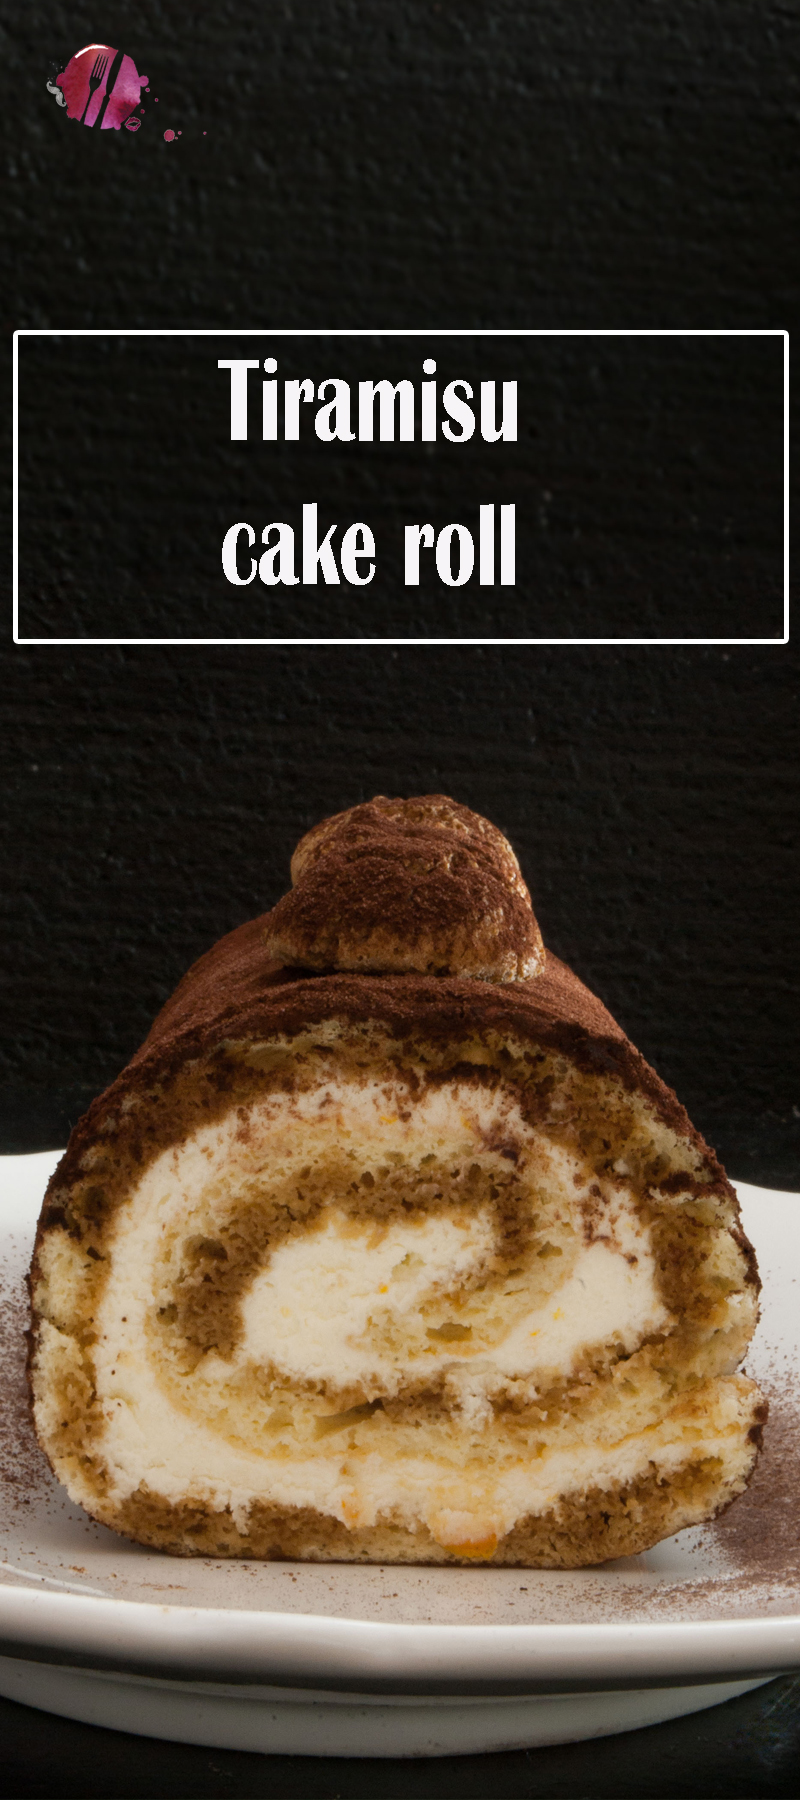 Unsere Tiramisu cake roll kommt in der Füllung ohne frische Eier aus. Das Rezept für die Tiramisu Roulade ist sehr einfach umzusetzen. An den Backofen, FERTIG, LOS!